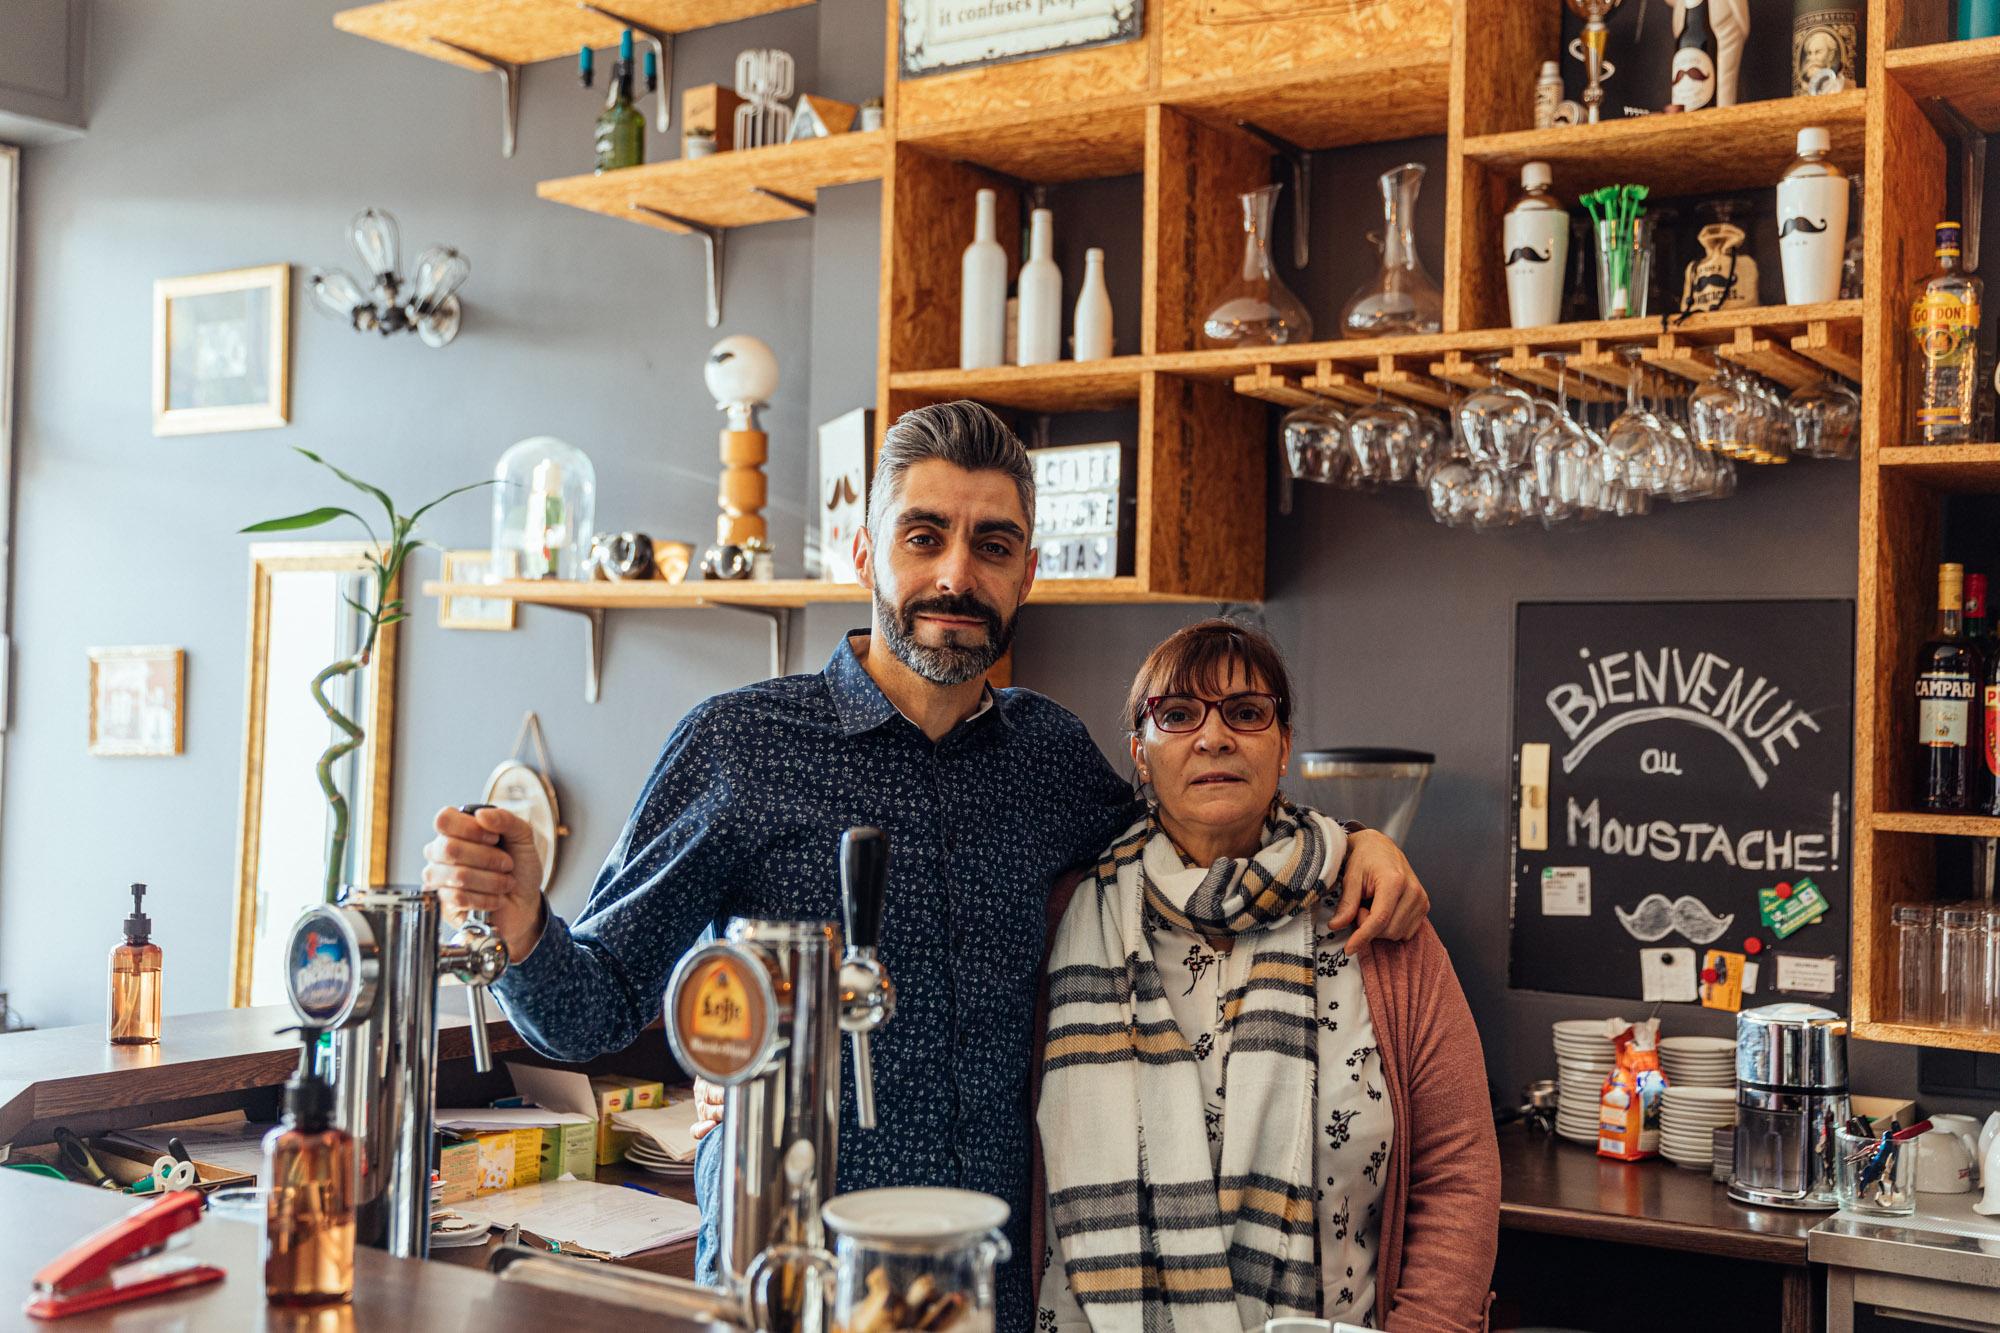 Restaurant Moustache – Eppes Guddes fir jiddereen!